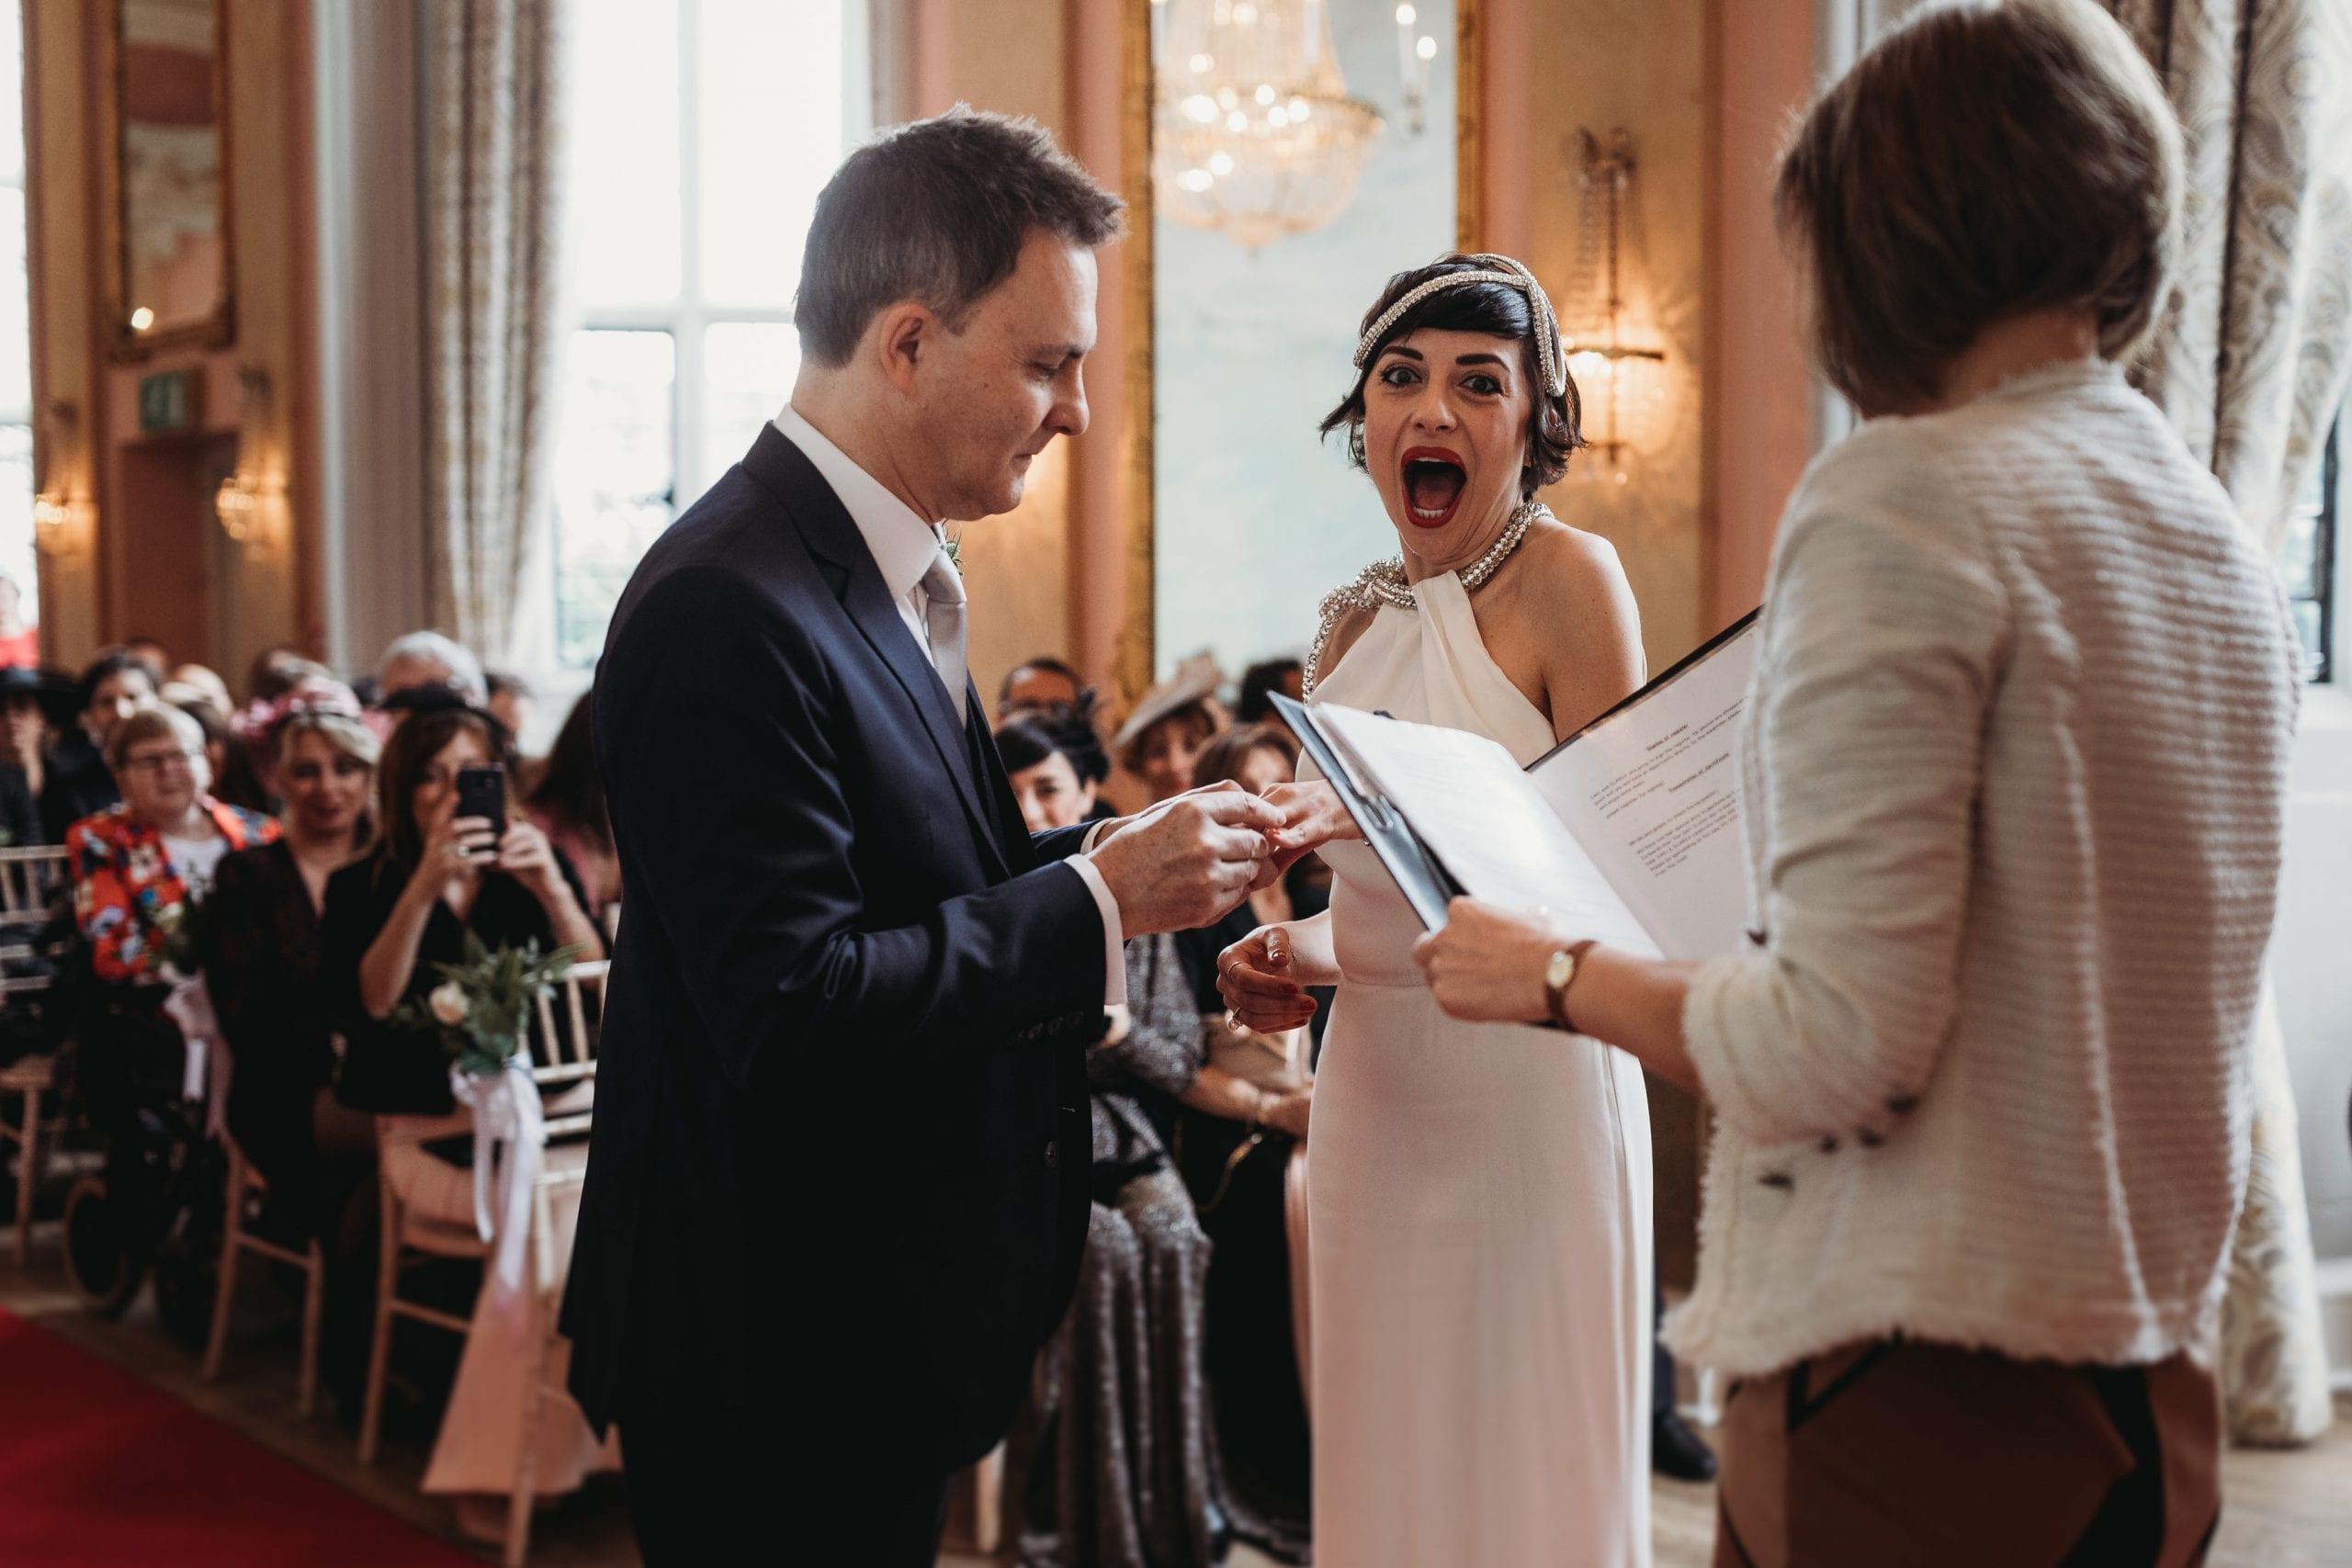 bride looking happy at ceremony